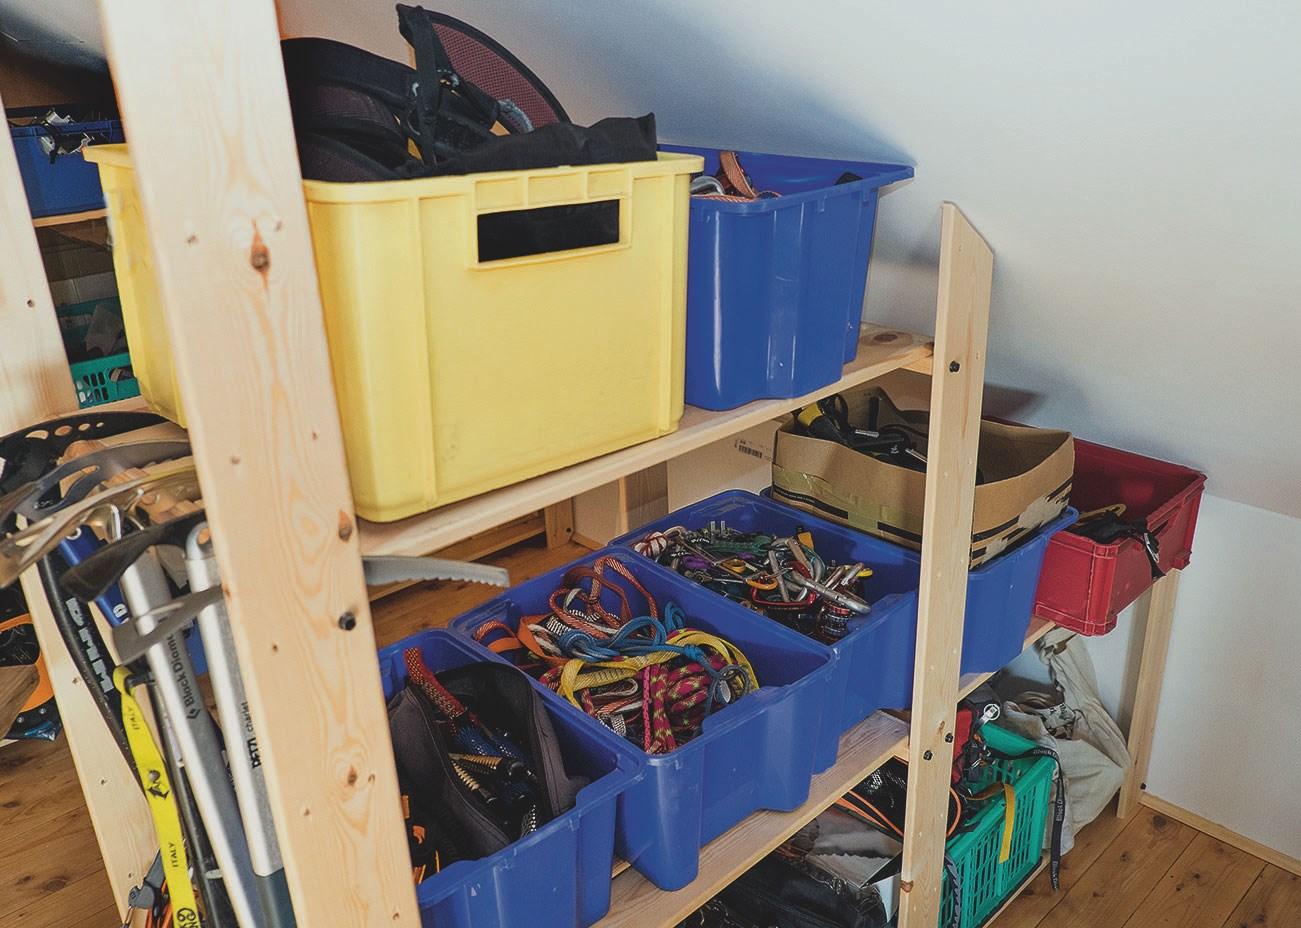 Kletterausrüstung Richtig Lagern : Ausrüstung richtig lagern